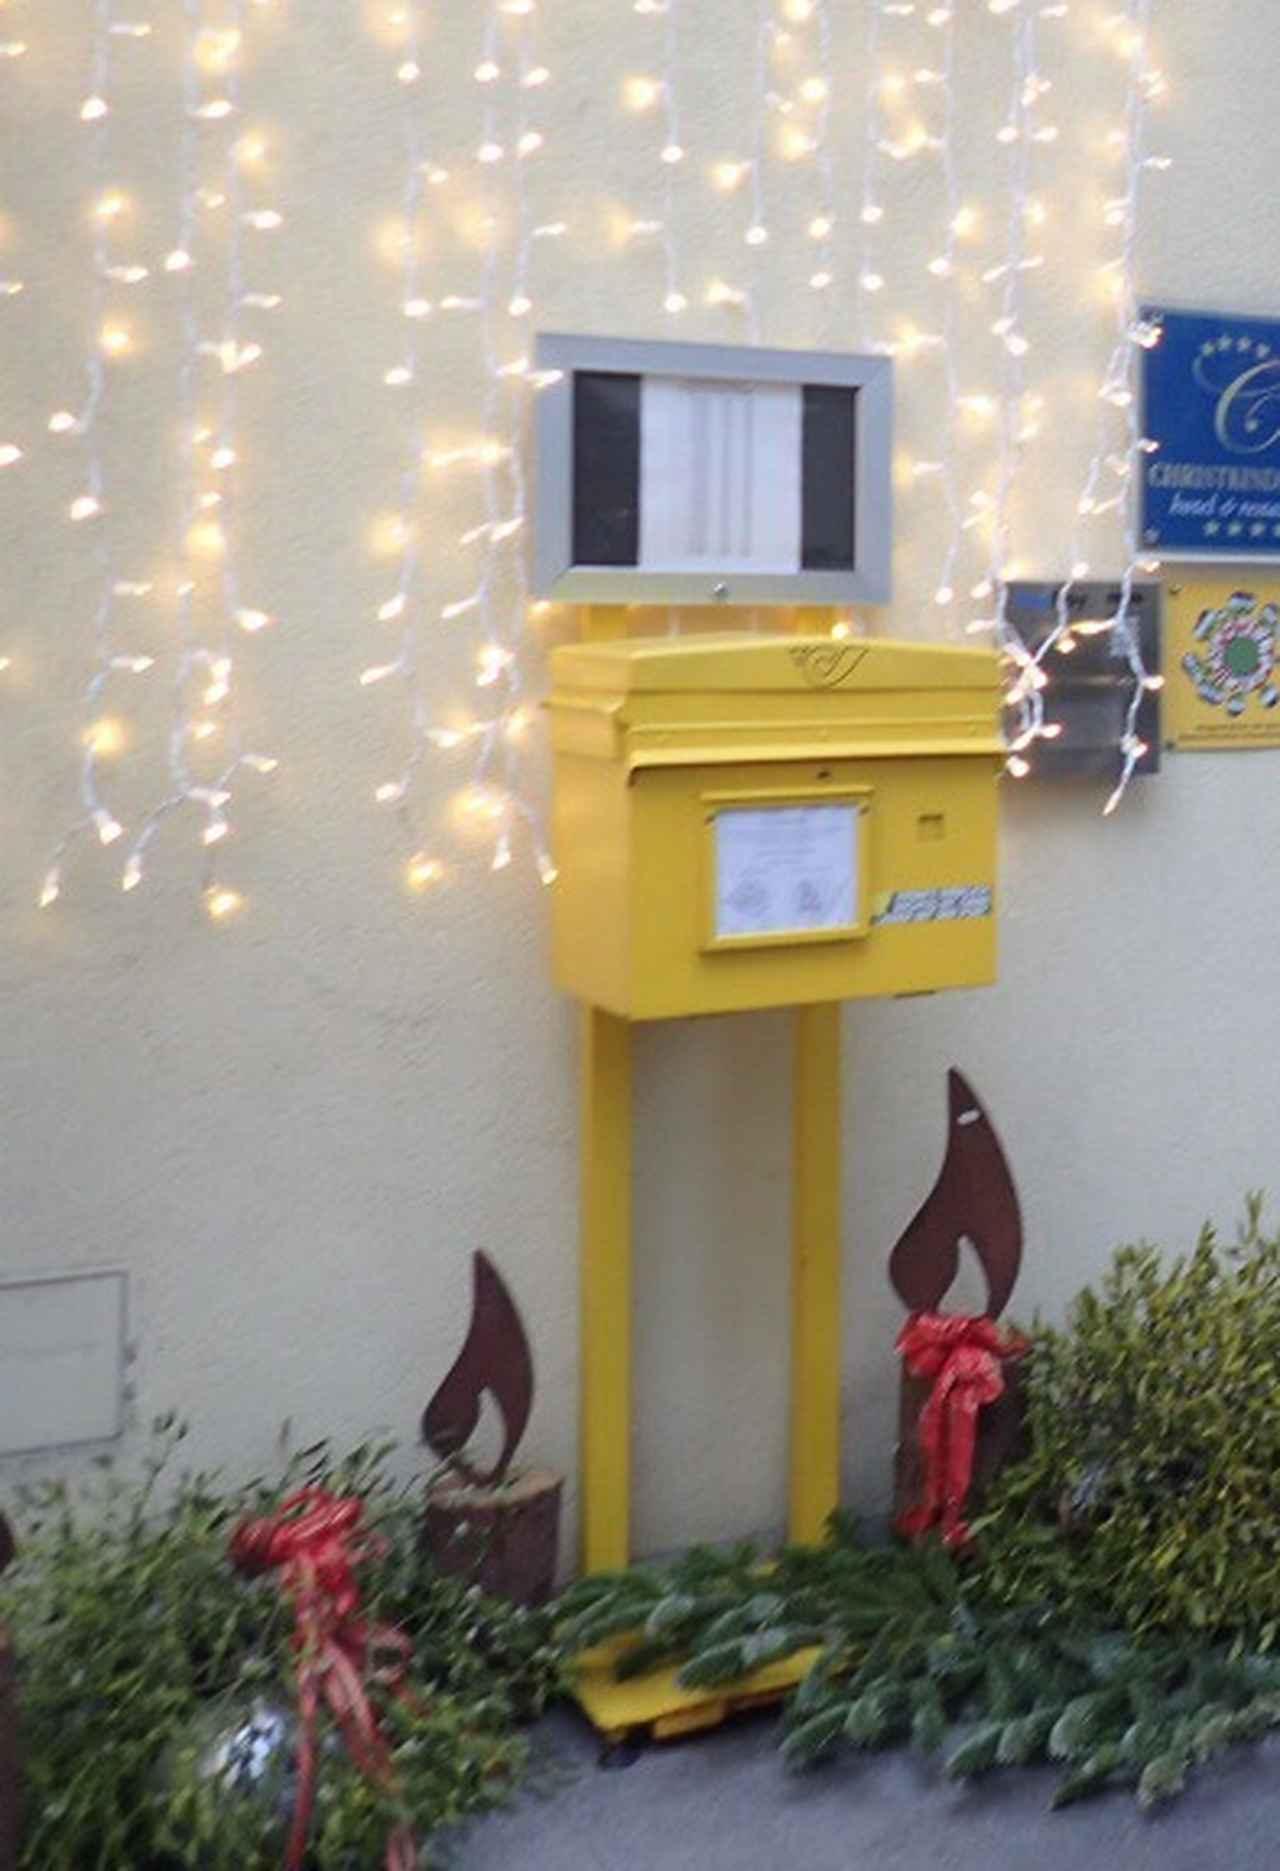 画像: 黄色の郵便ポスト(弊社スタッフ撮影)